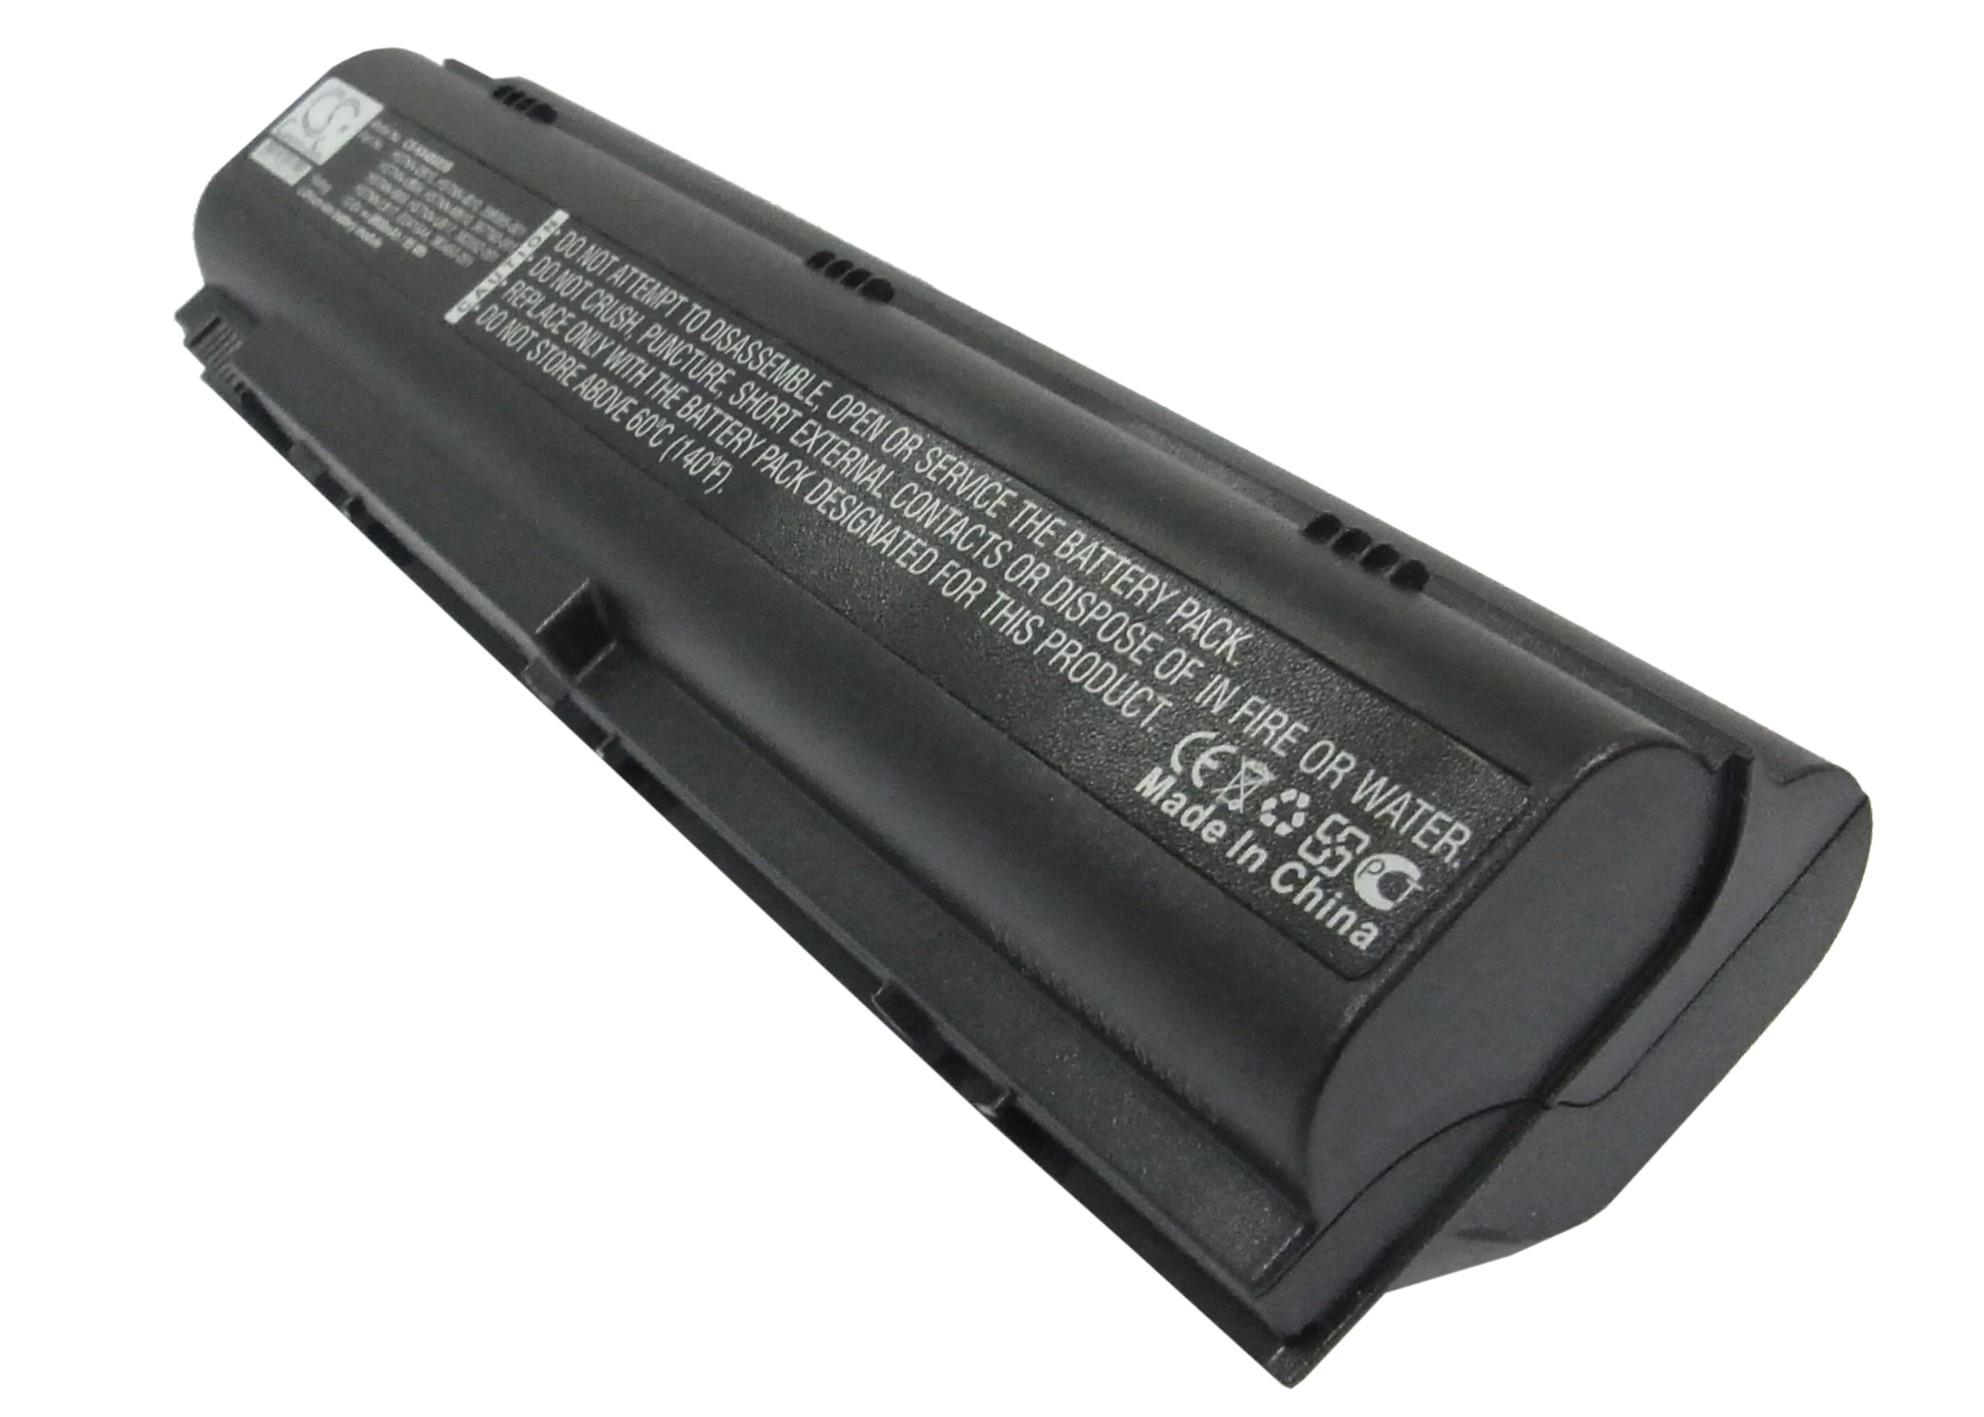 Cameron Sino baterie do notebooků pro HP Pavilion dv4000-PC253AV 10.8V Li-ion 8800mAh černá - neoriginální